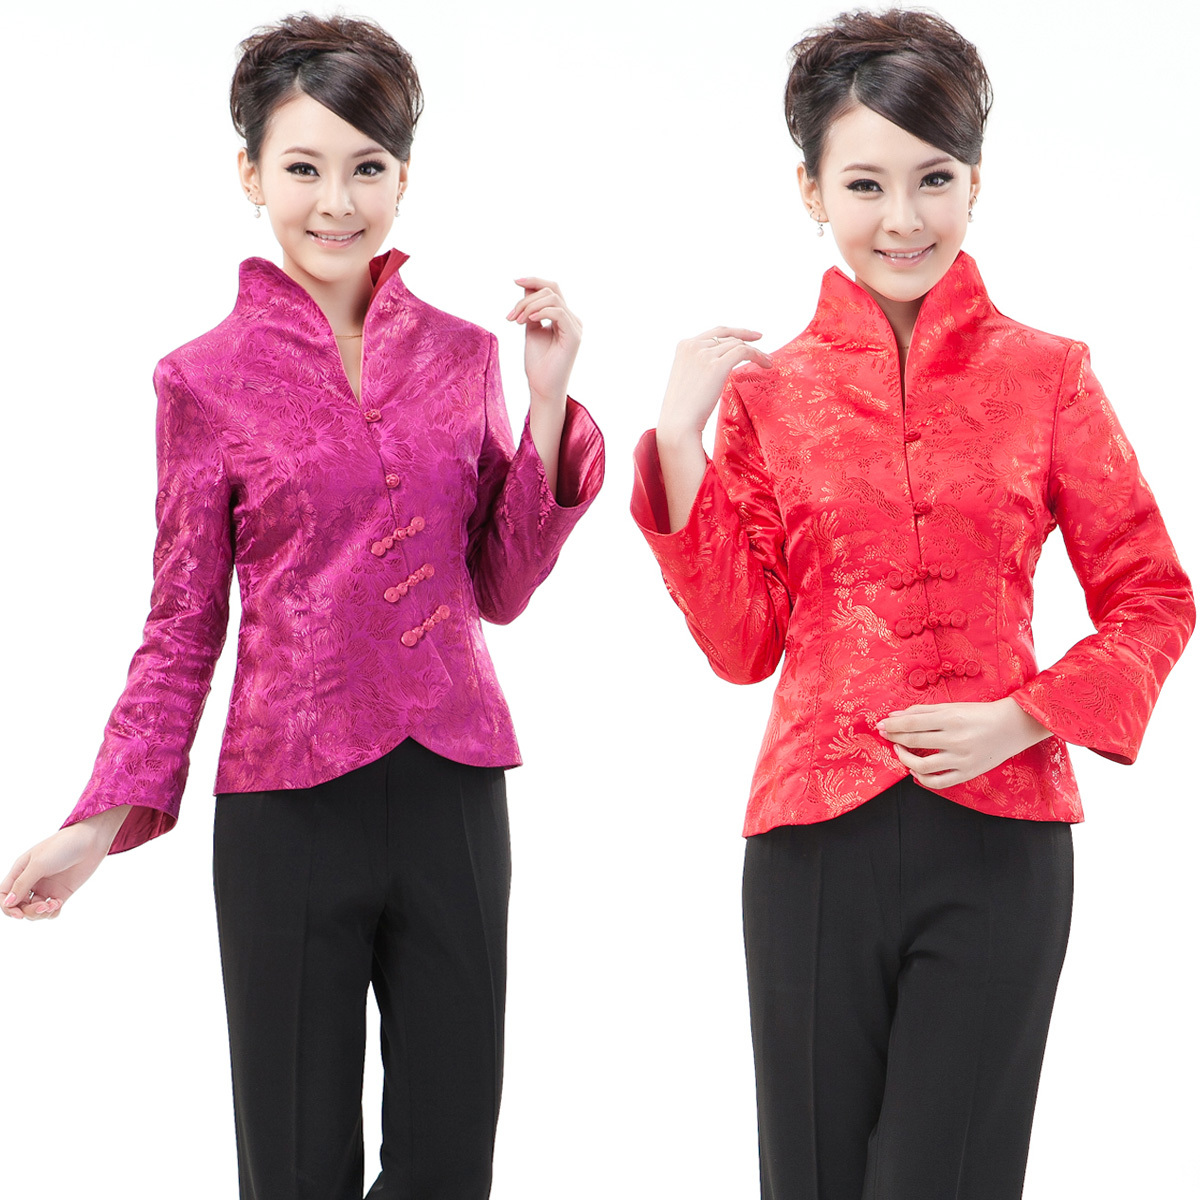 Блузка в китайском национальном стиле Wan Jia Yi Lai s0977